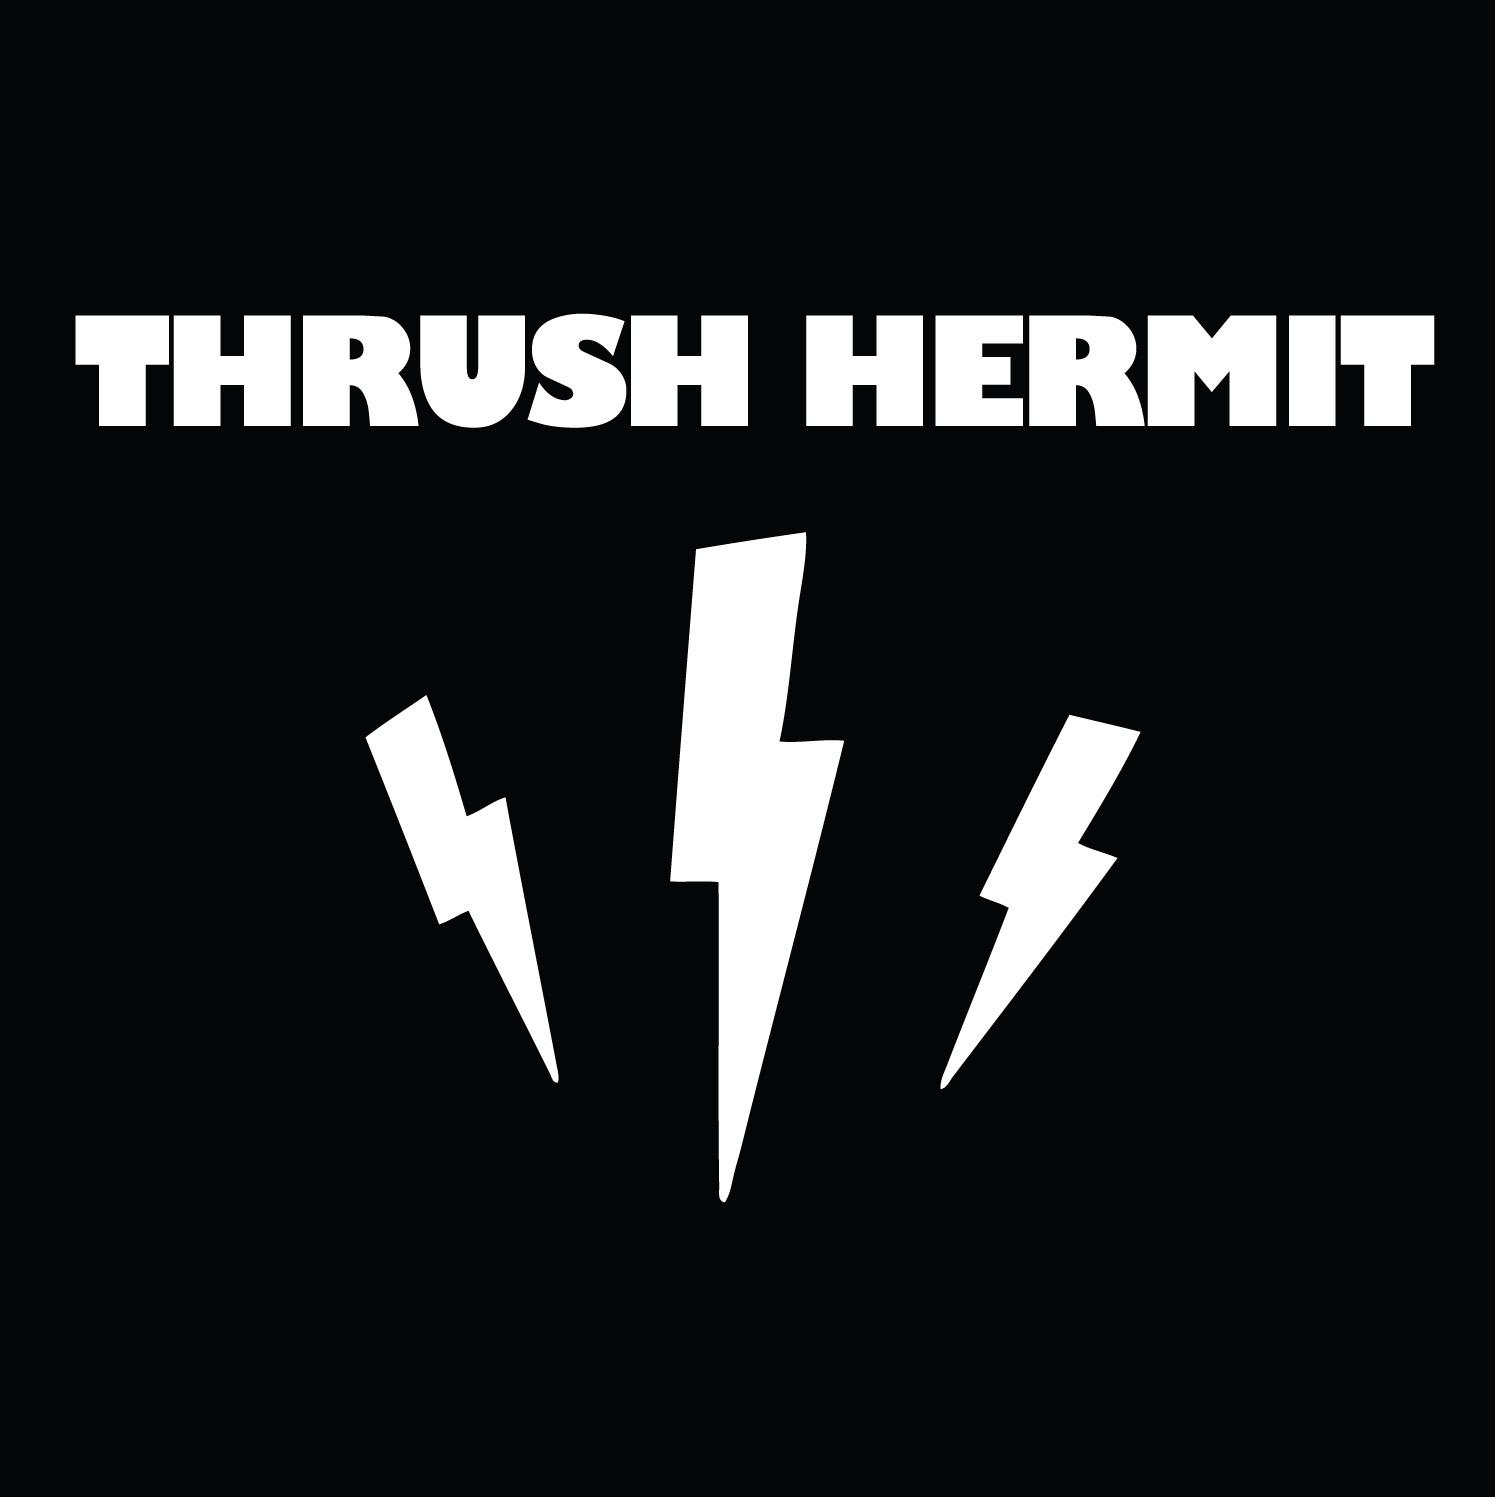 thrushhermit.jpg